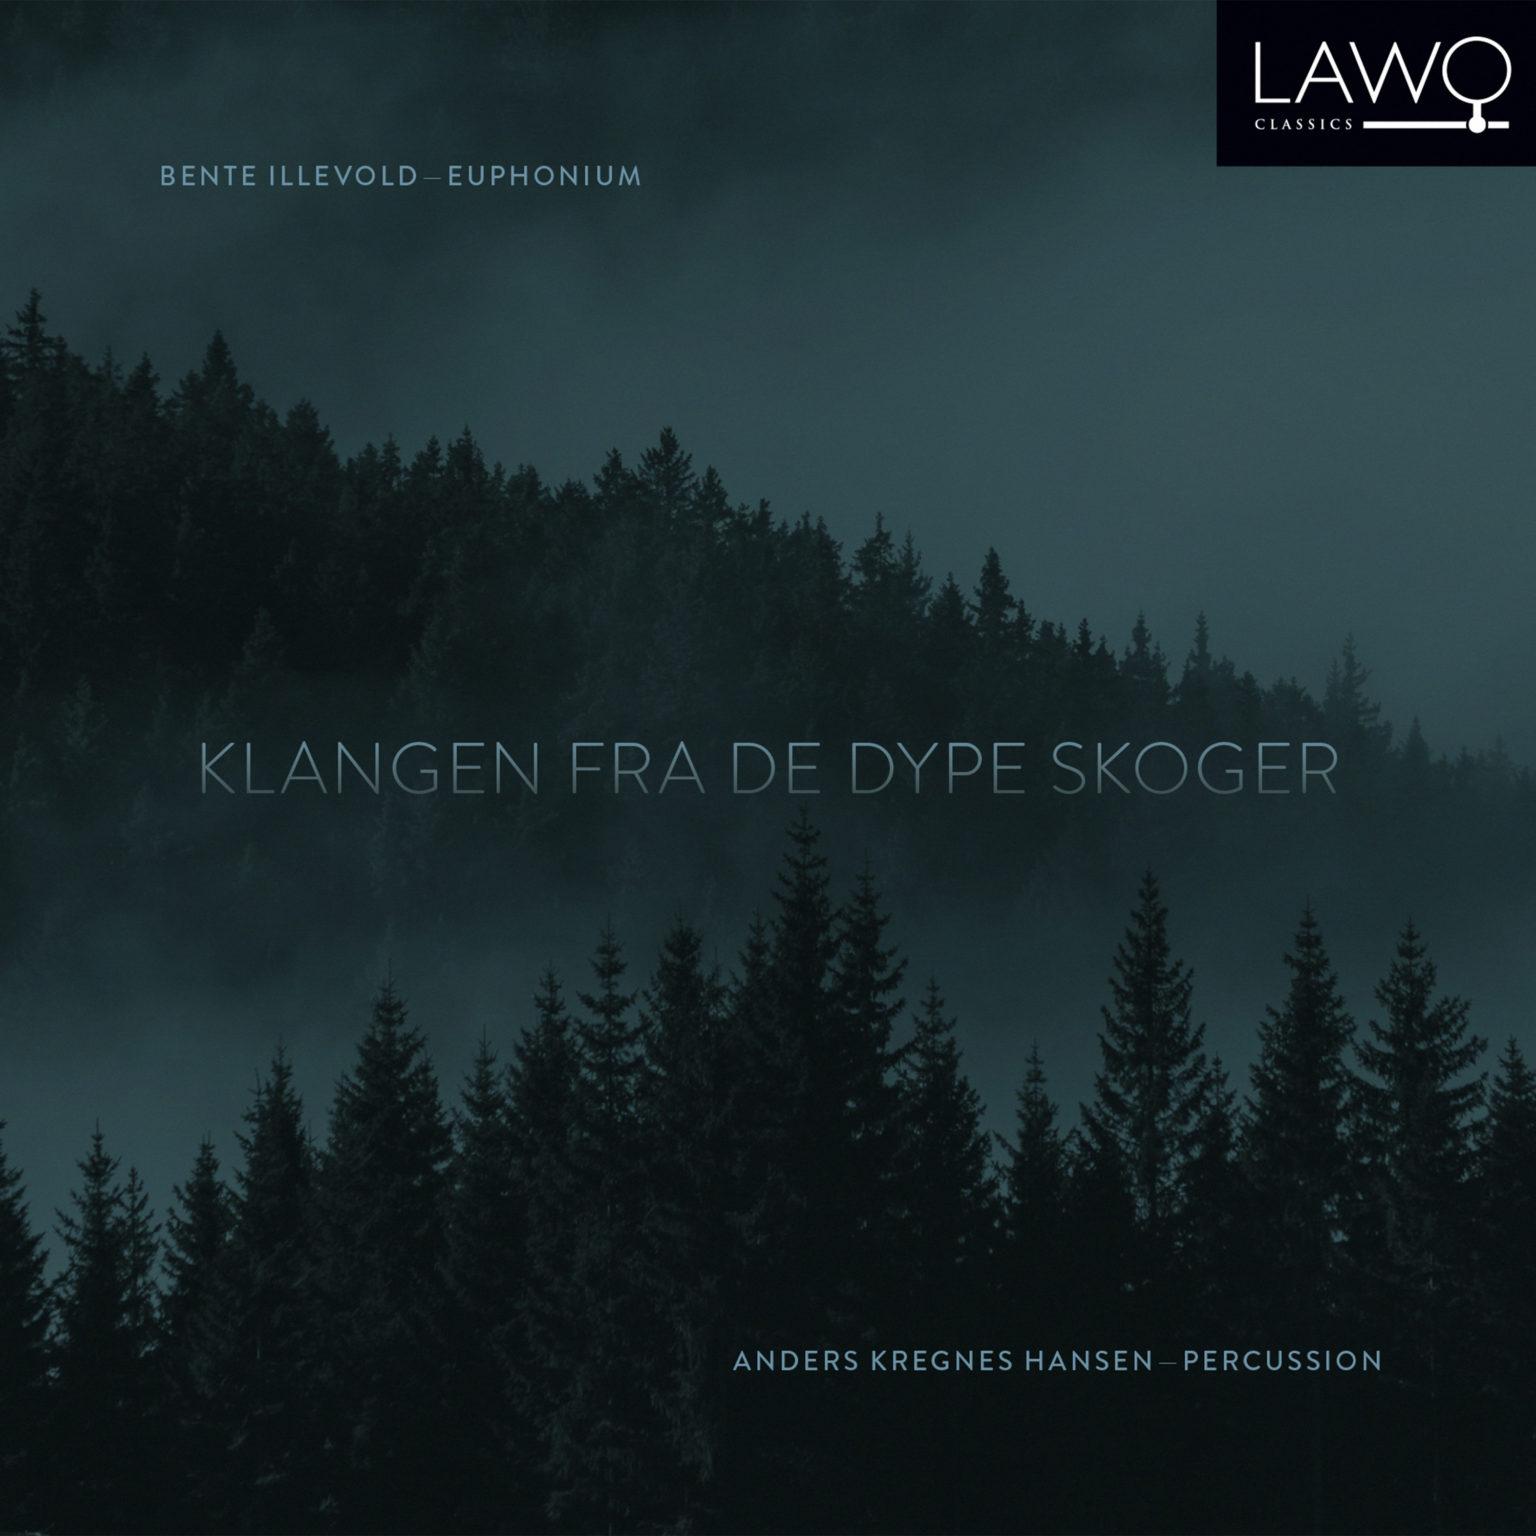 Click image for larger version.  Name:LWC1195_Bente_Illevold_Klangen_fra_de_dype_skoger_cover_3000x3000px-1536x1536.jpg Views:901 Size:174.8 KB ID:7720